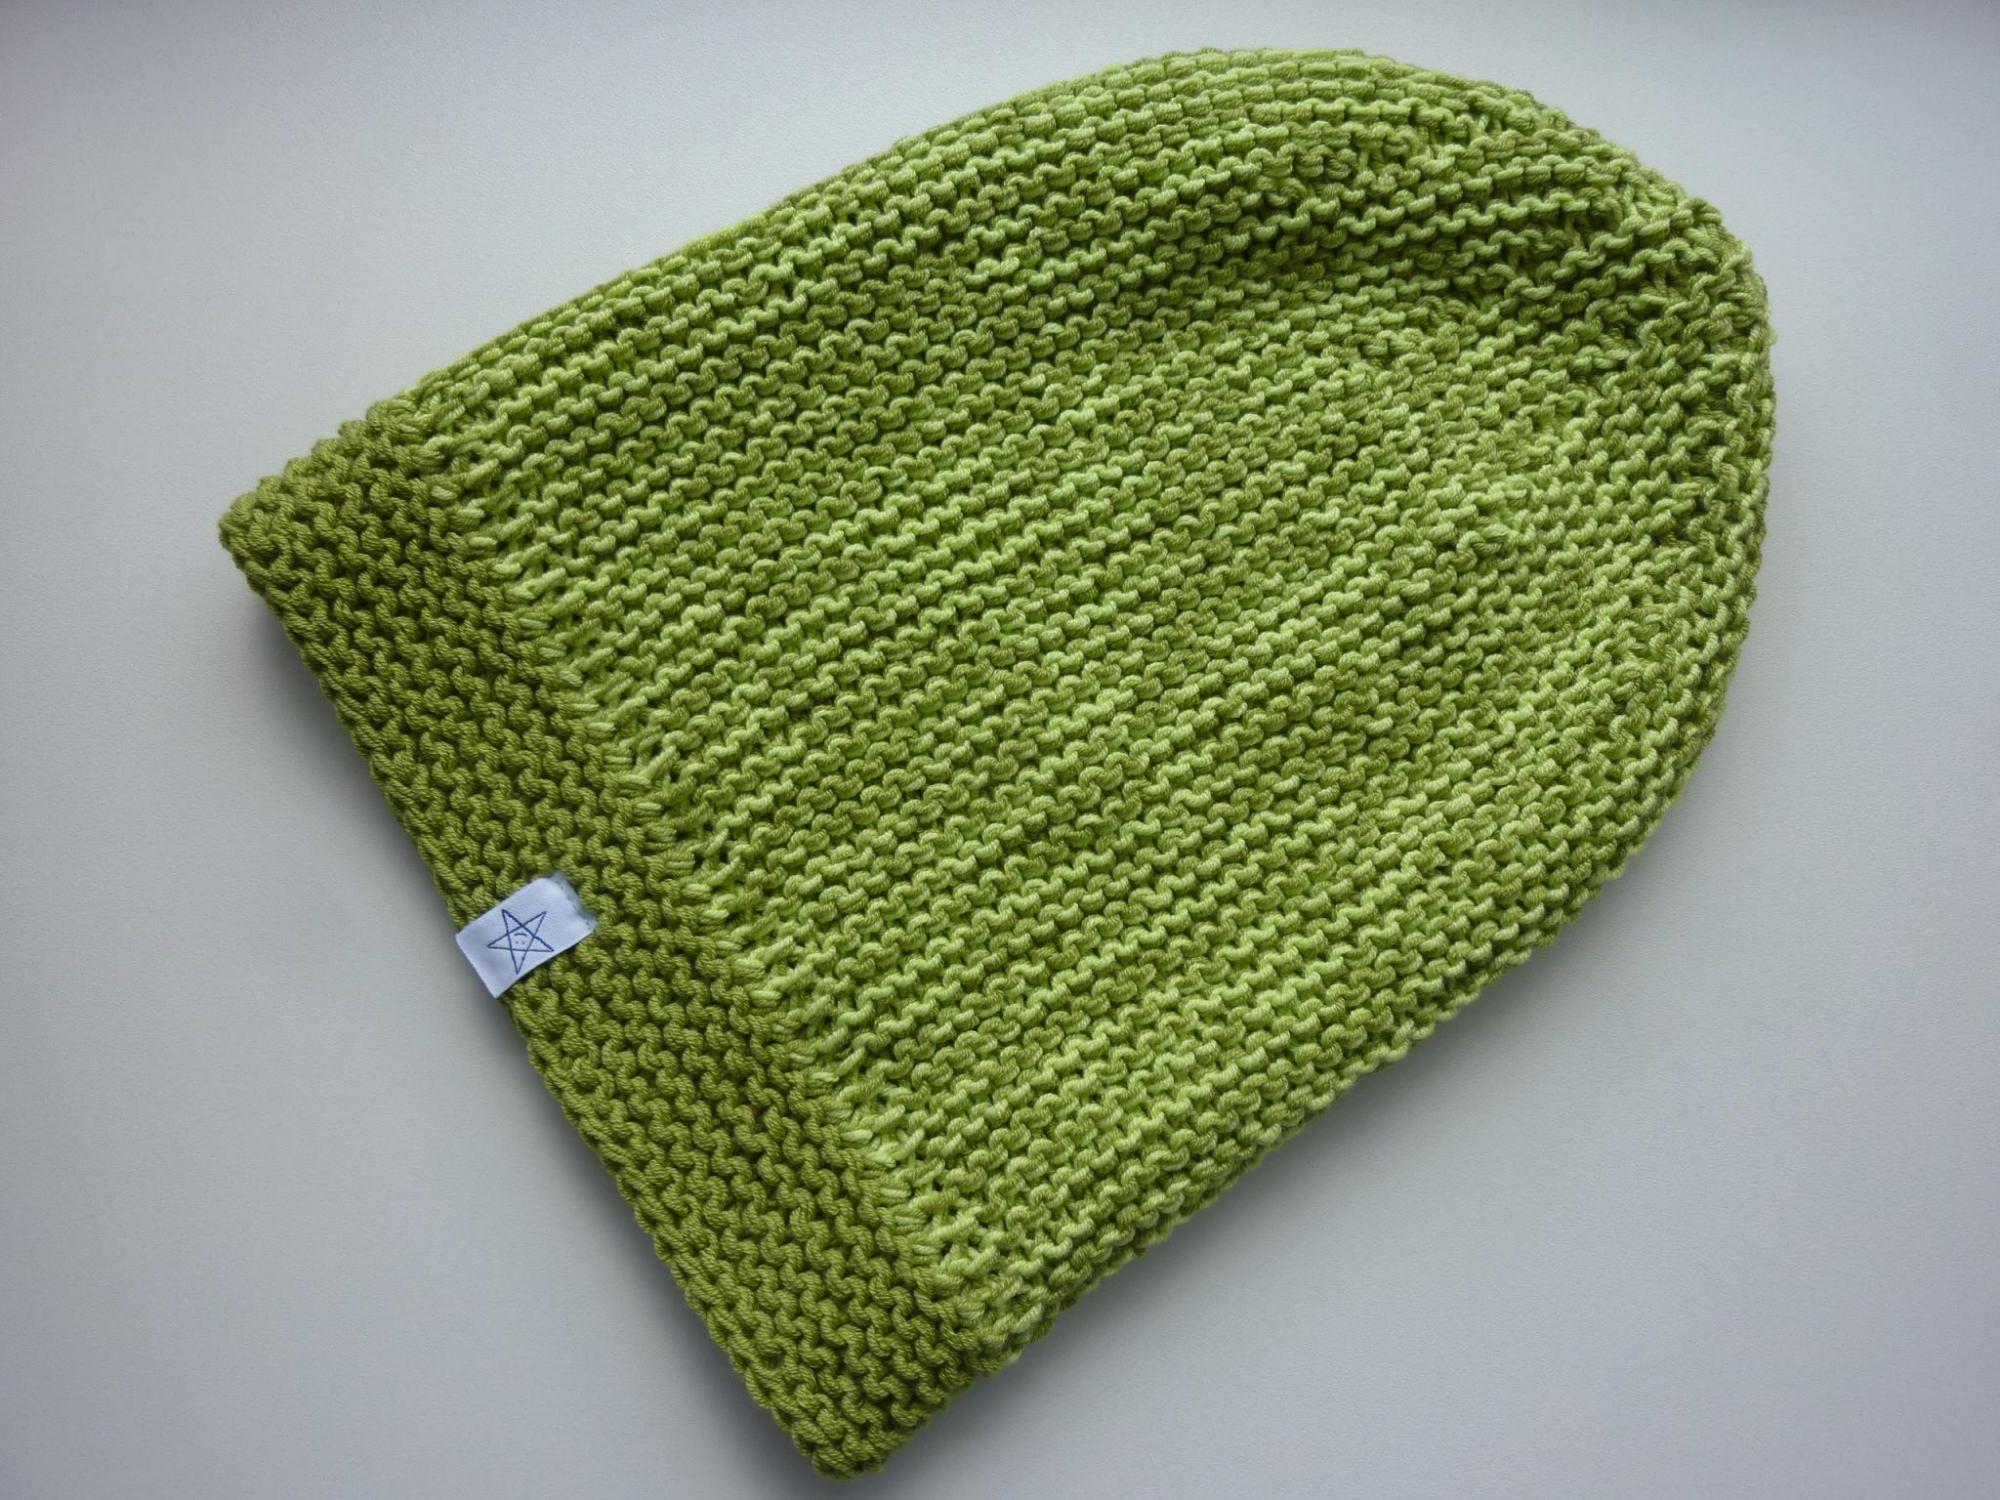 Kleinesbild - lange Strickmütze in kiwigrün und hellgrün aus Baumwolle handgestrickt